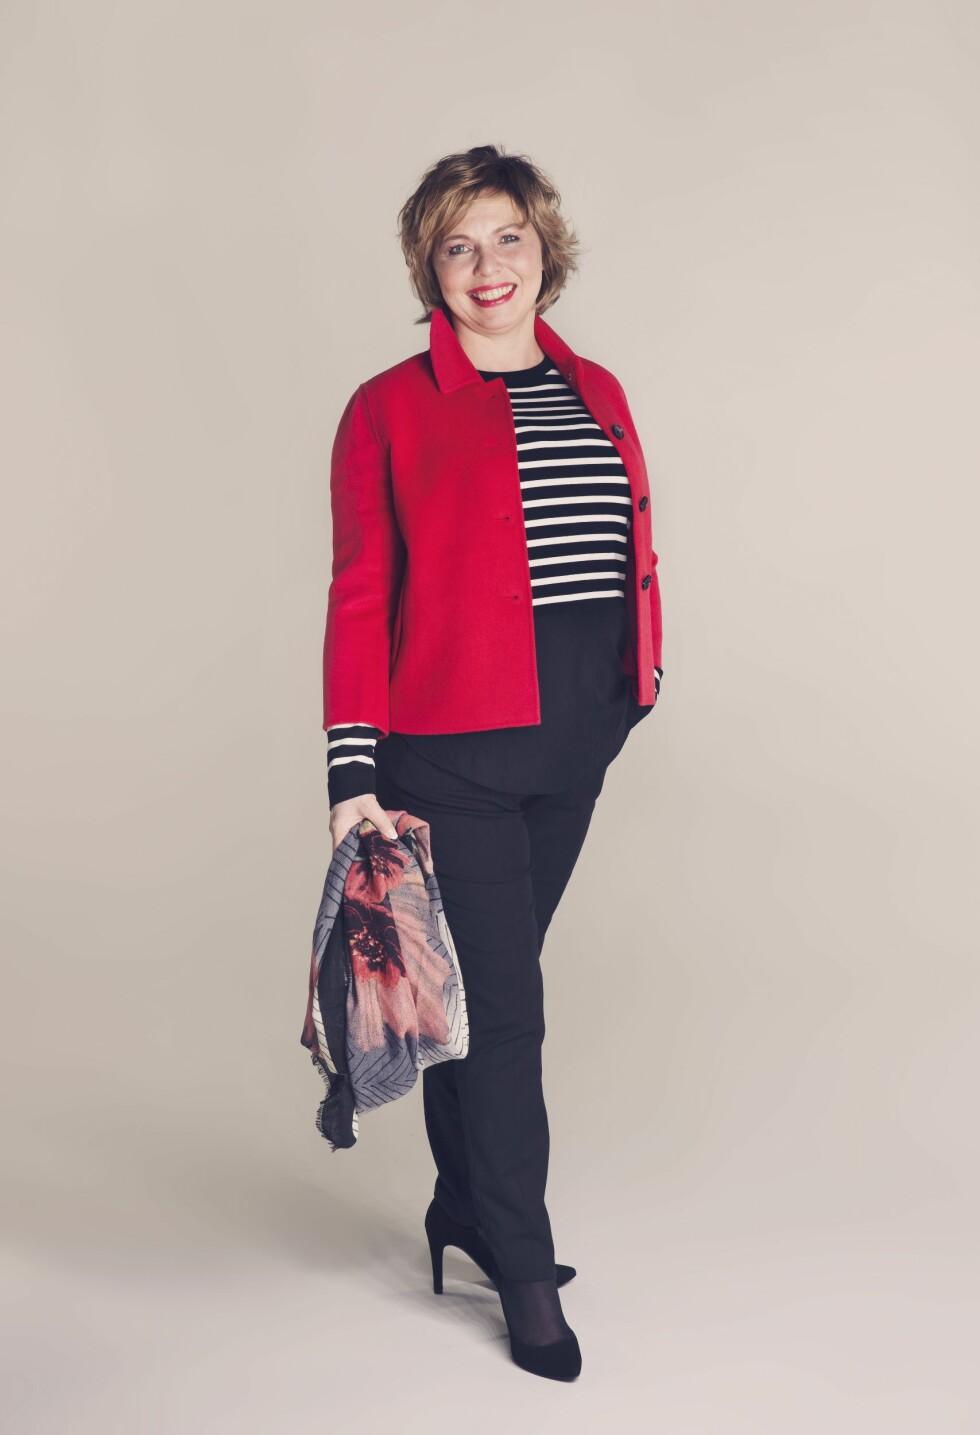 FRESH OG FLOTT: Jakke (kr 3900, Day), genser (kr 799, Fiori Woman/Fashion & Brands), bukser (kr 599, Selected Femme/Walk-in Closet), skjerf (kr 179, Mappstore), sko (kr 1698, Shoe + Shoe). Foto: Yvonne Wilhelmsen